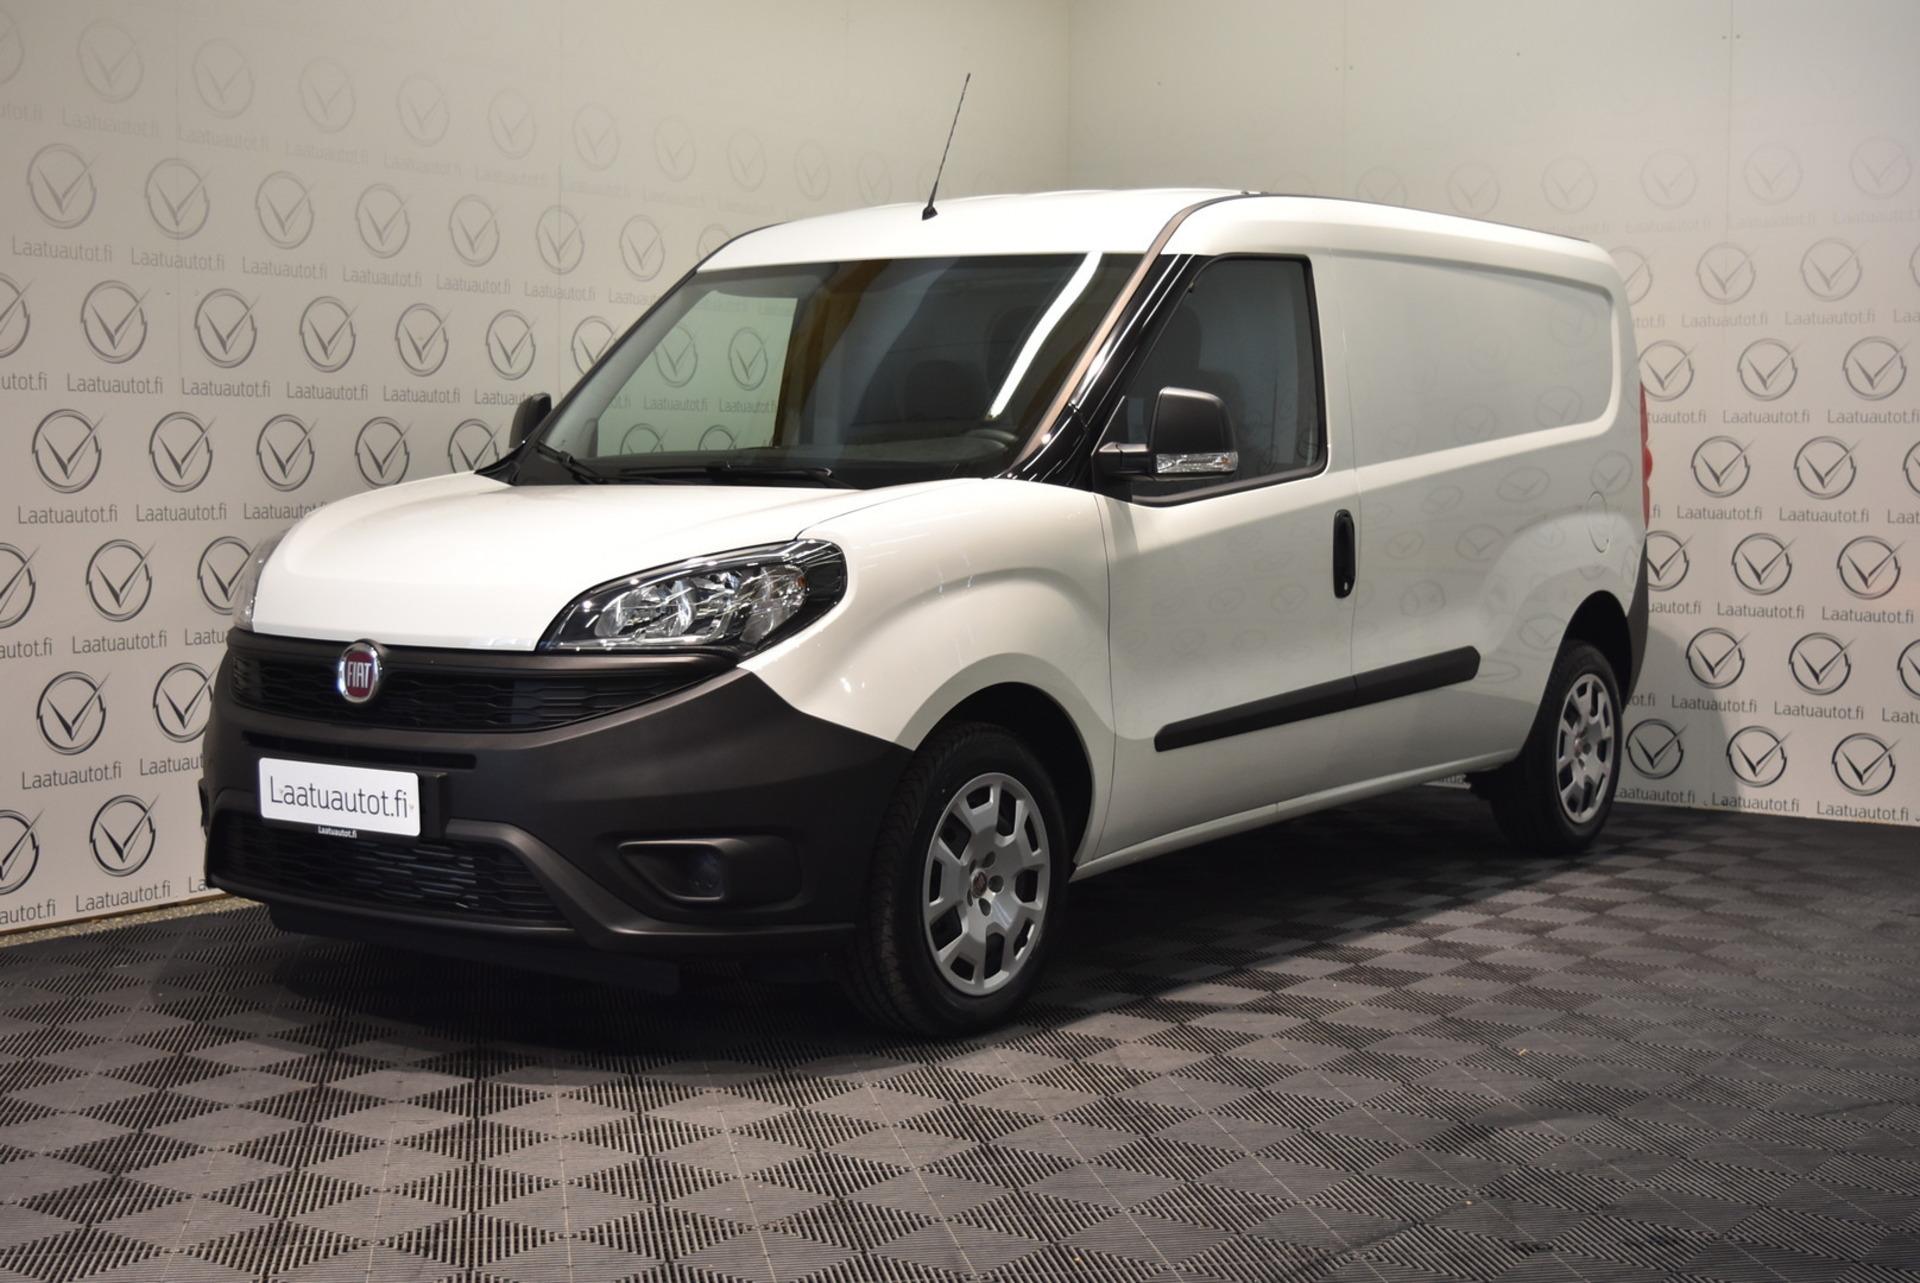 FIAT DOBLÒ Cargo L2 1, 3 Multijet II 951+2 - Uusi auto nopeaan toimitukseen,  jopa ilman käsirahaa,  kysy edullinen rahoitus myyjältä!